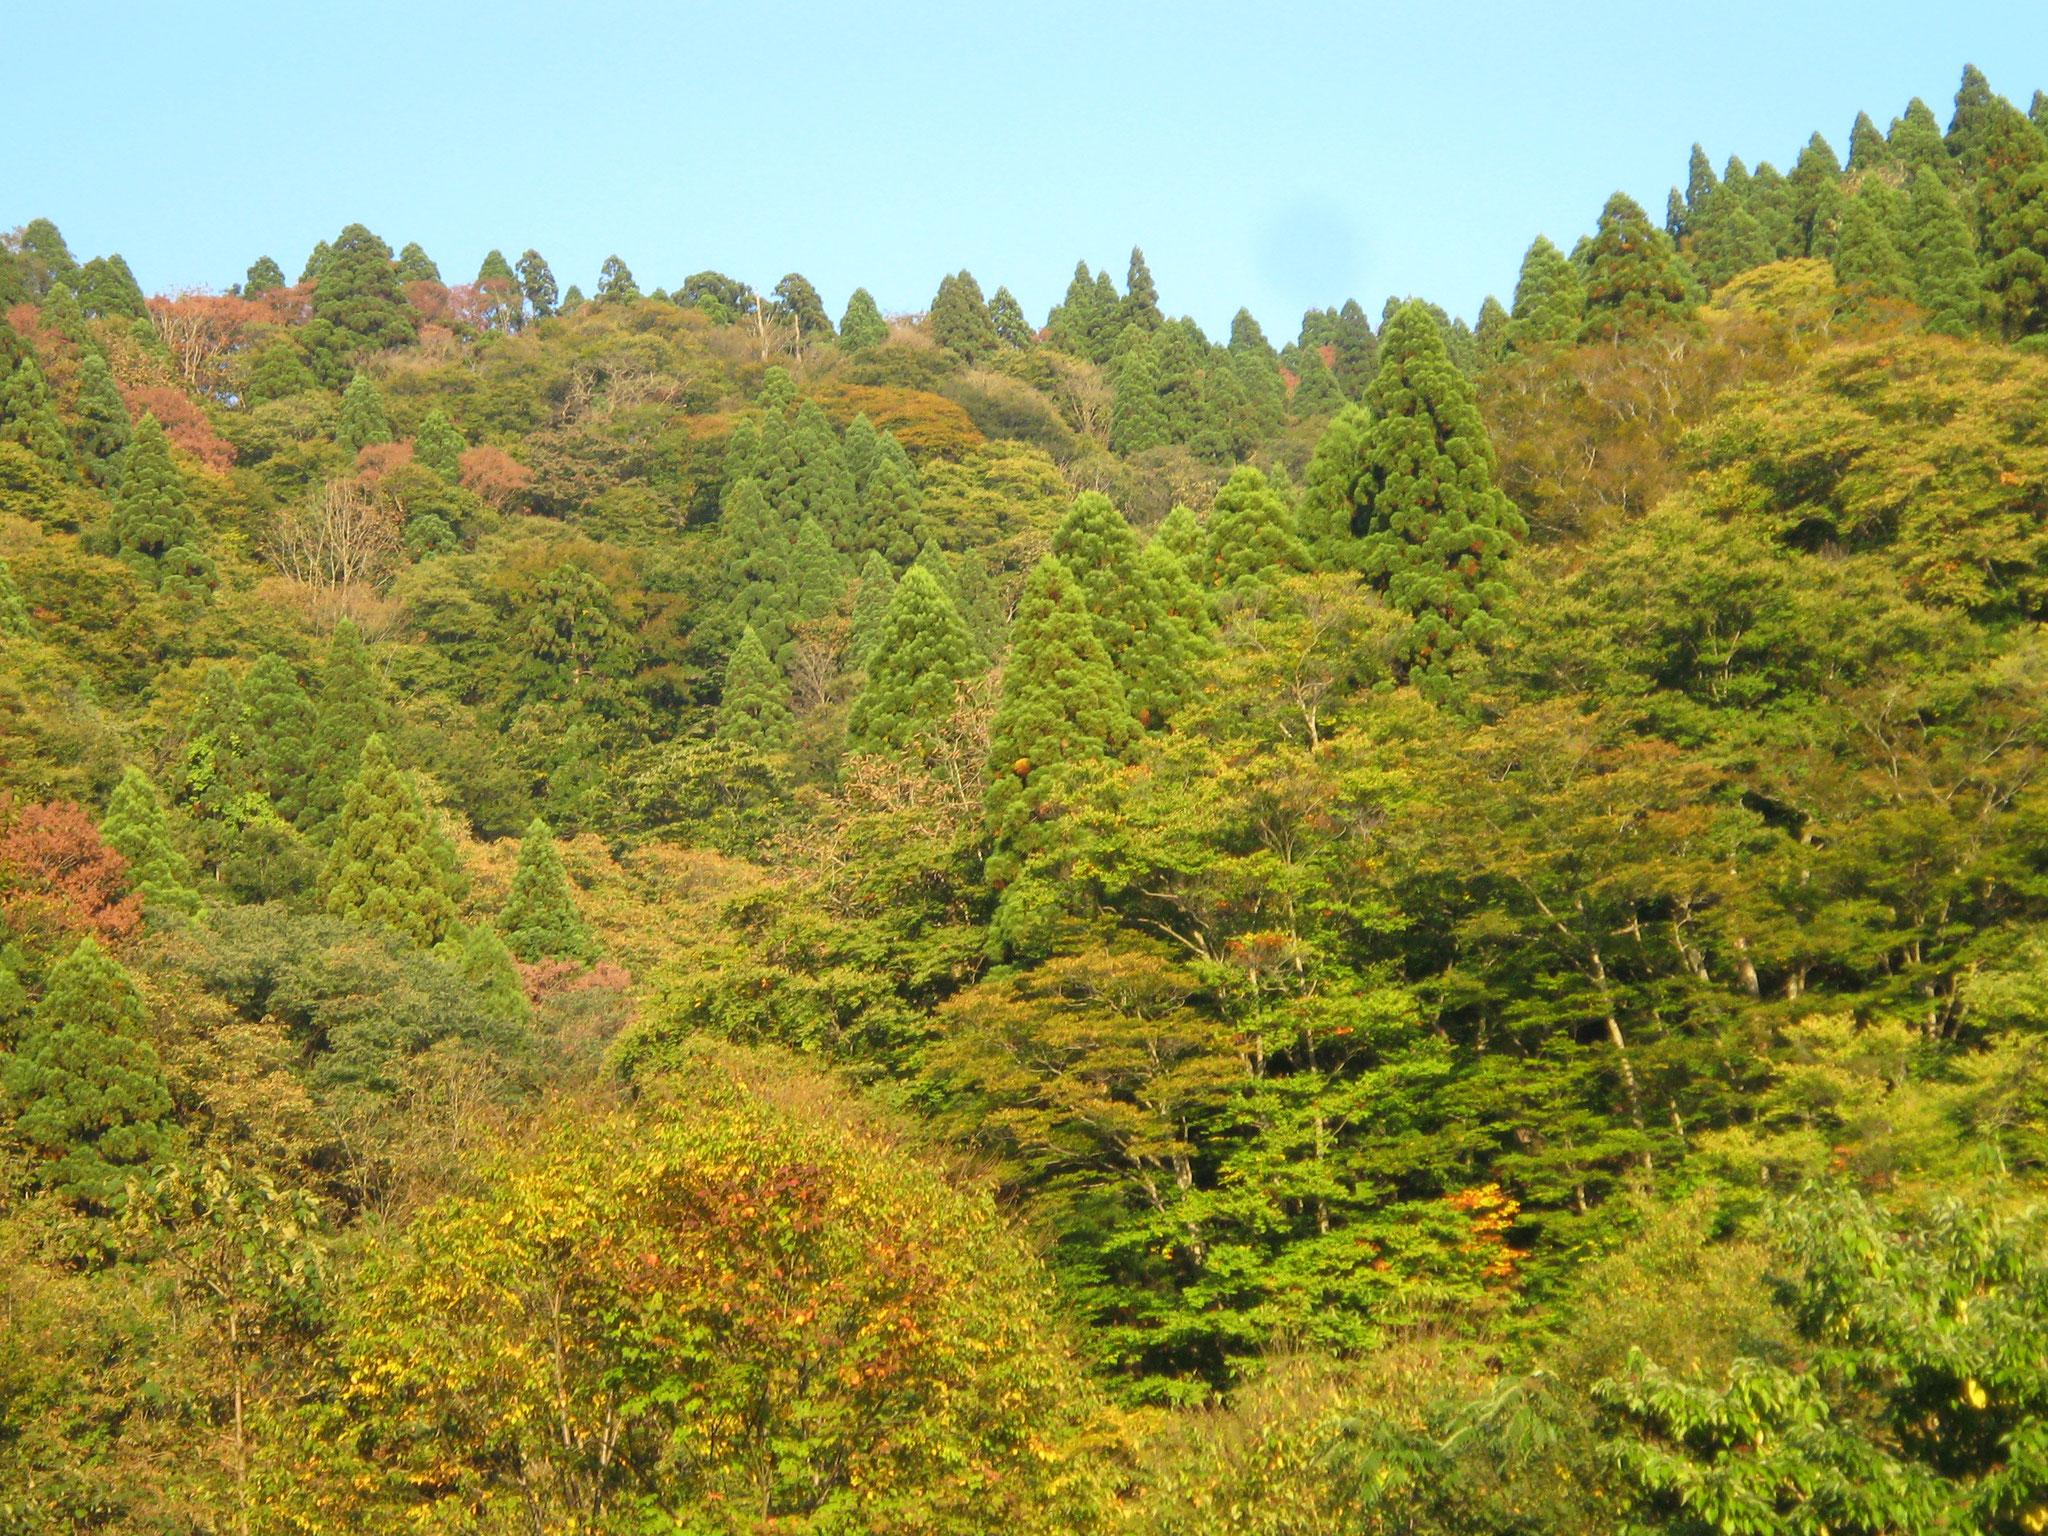 渡邊士乃武自然保護区  京北トラスト地(京都府京都市) 2006年取得 約16ha